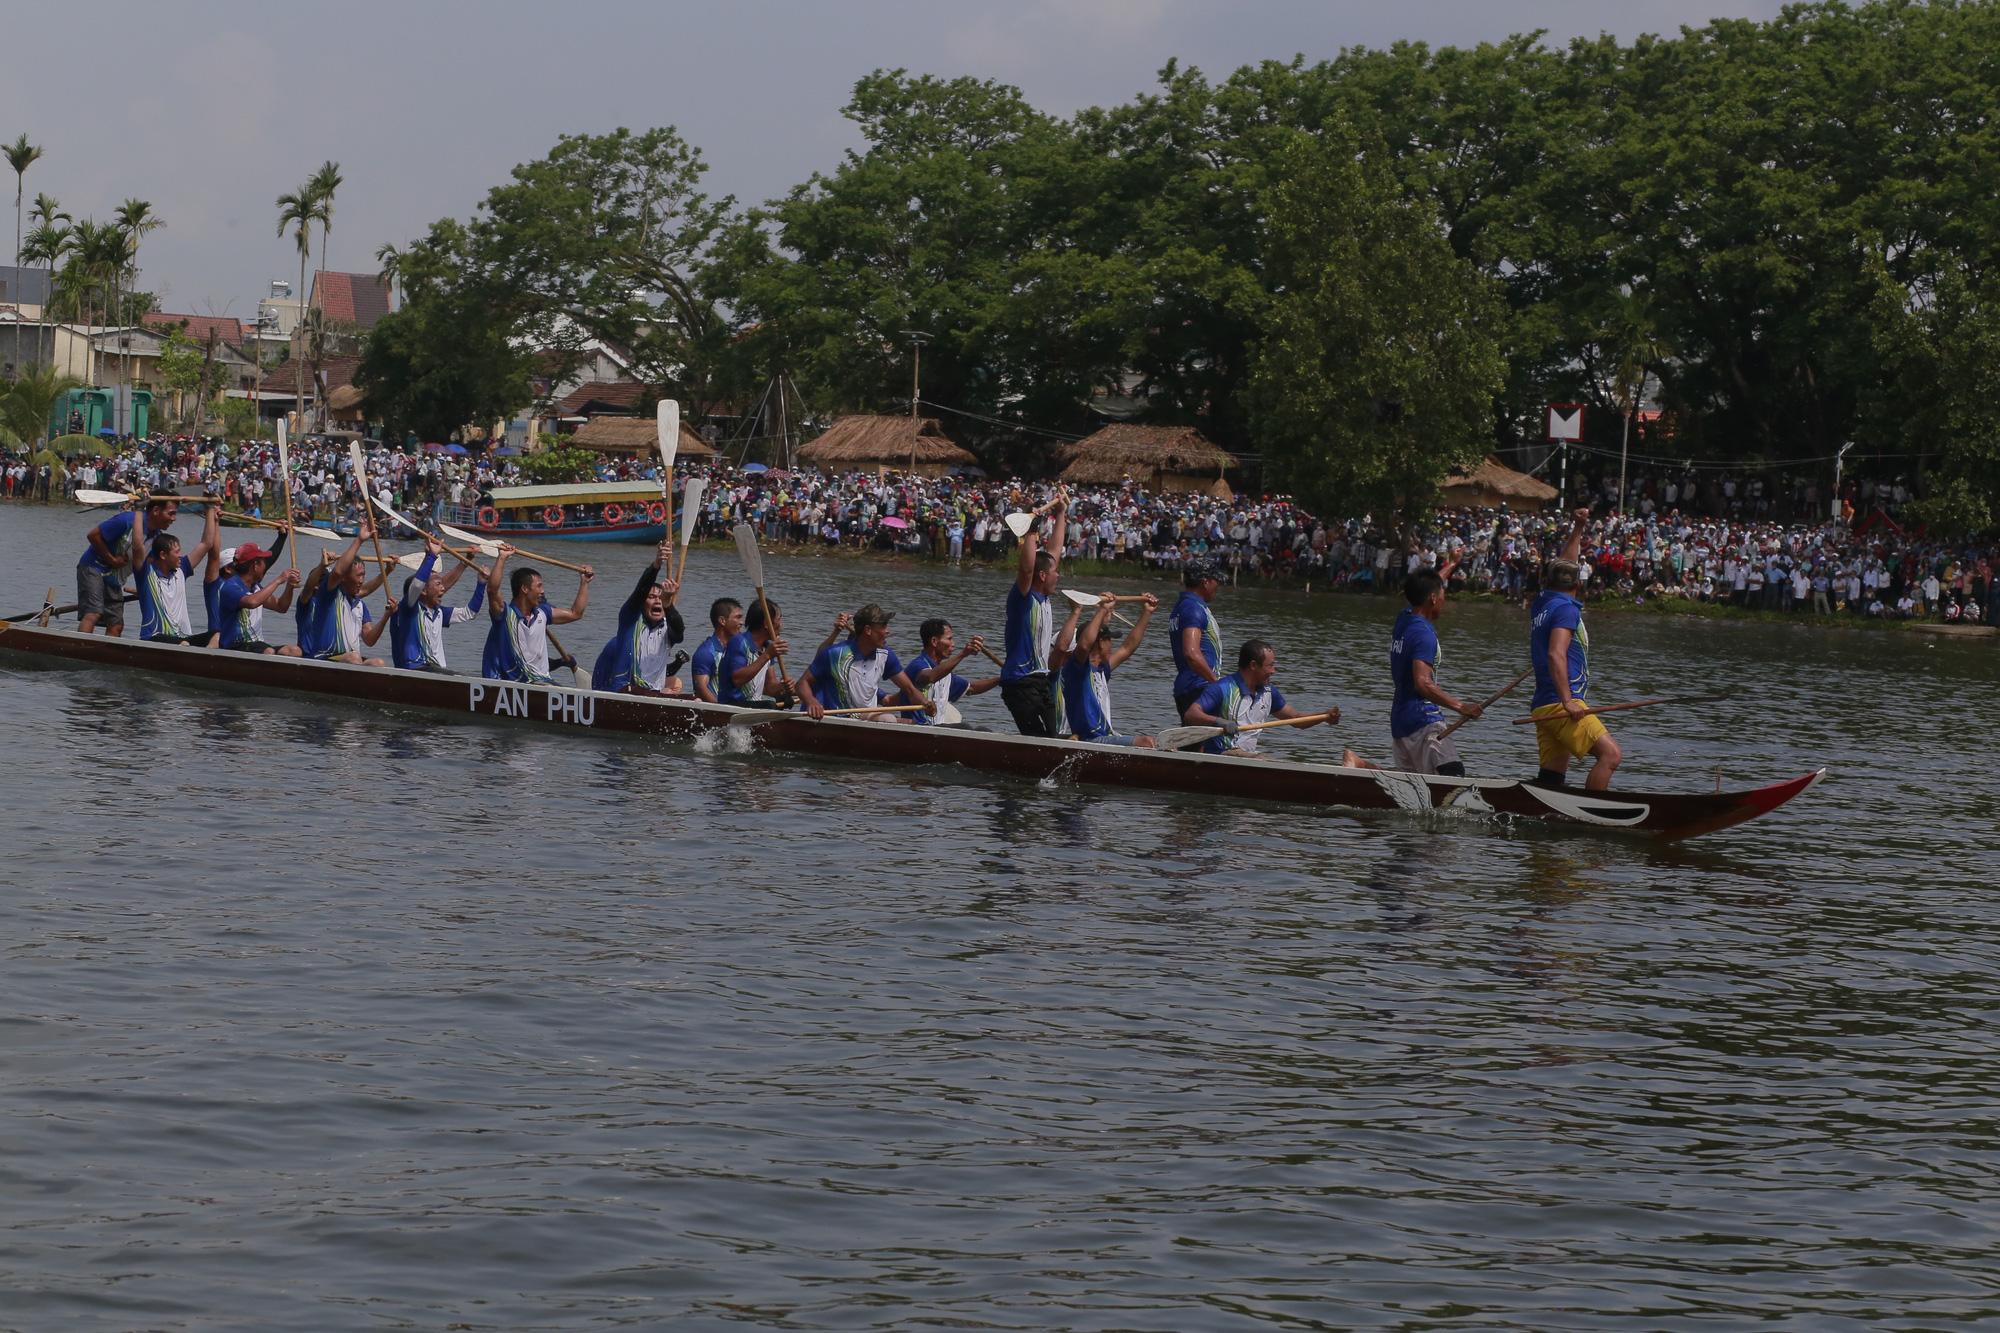 Quảng Nam: Trèo cây, leo nóc nhà để xem đua thuyền ở Tam Kỳ - Ảnh 6.